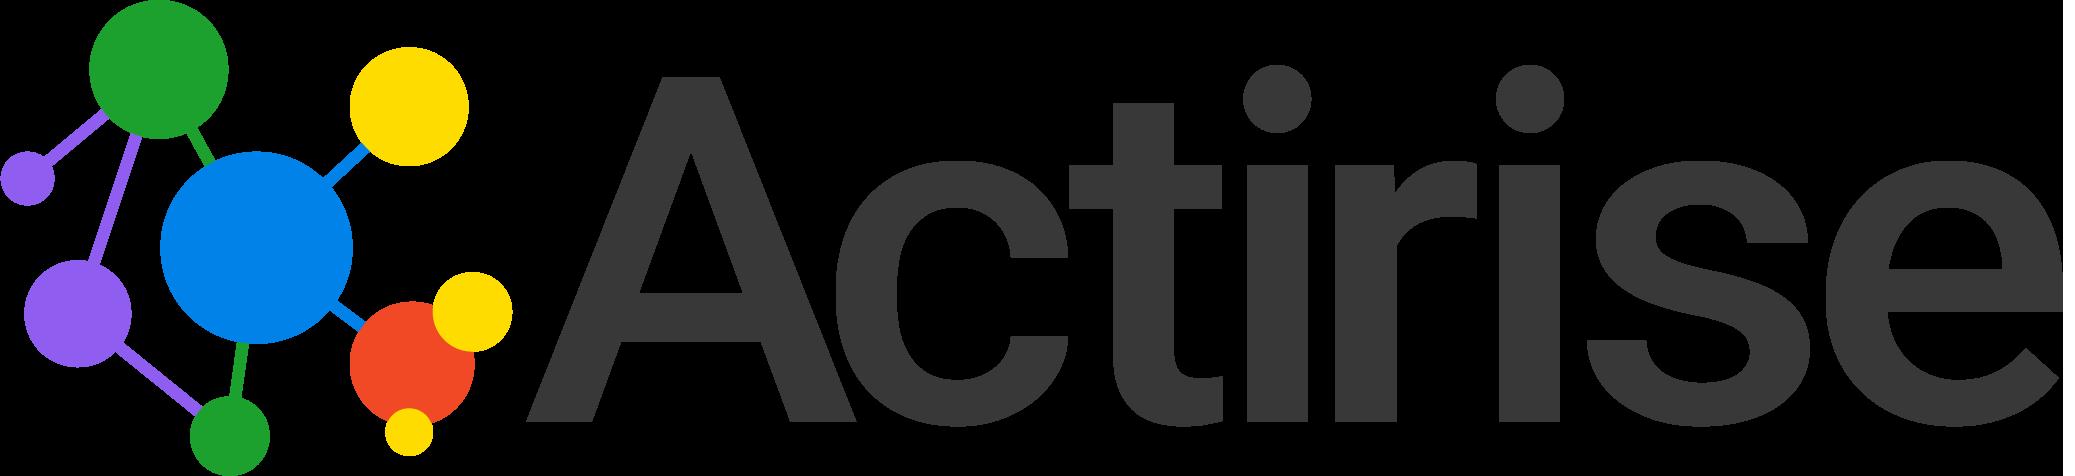 Actirise logo png